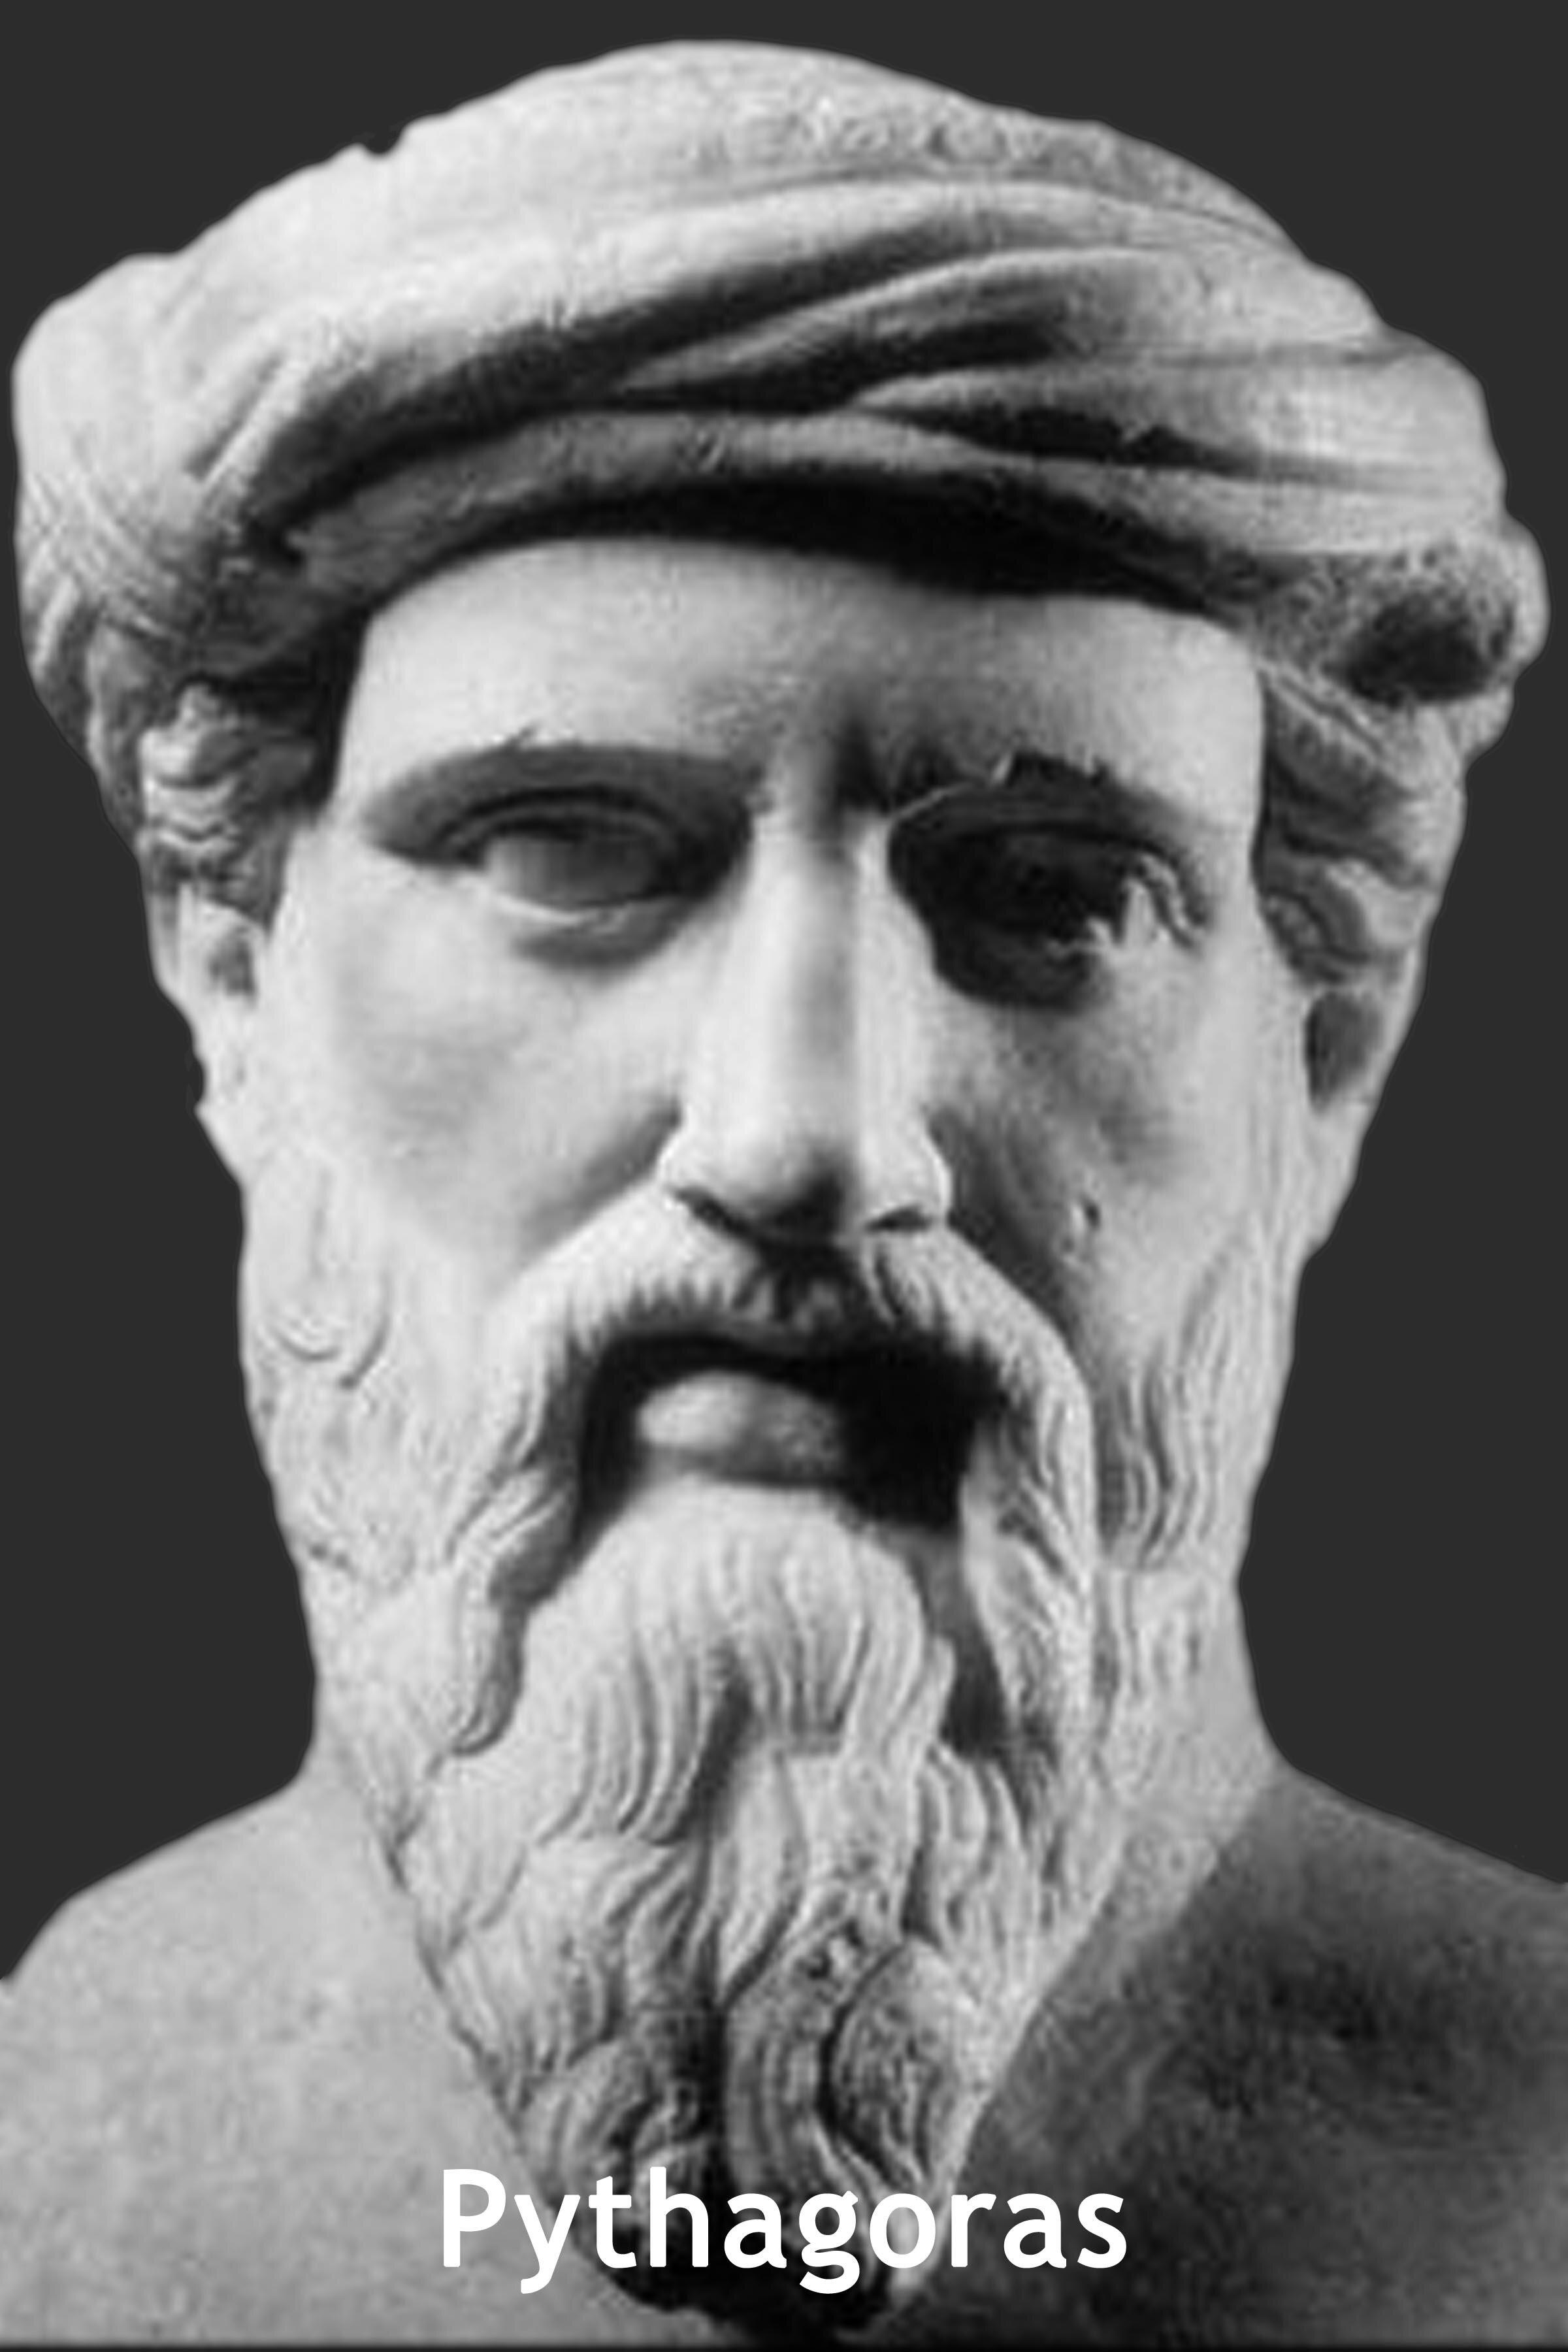 pythagoras of samos pythagorassq twitter pythagoras of samos